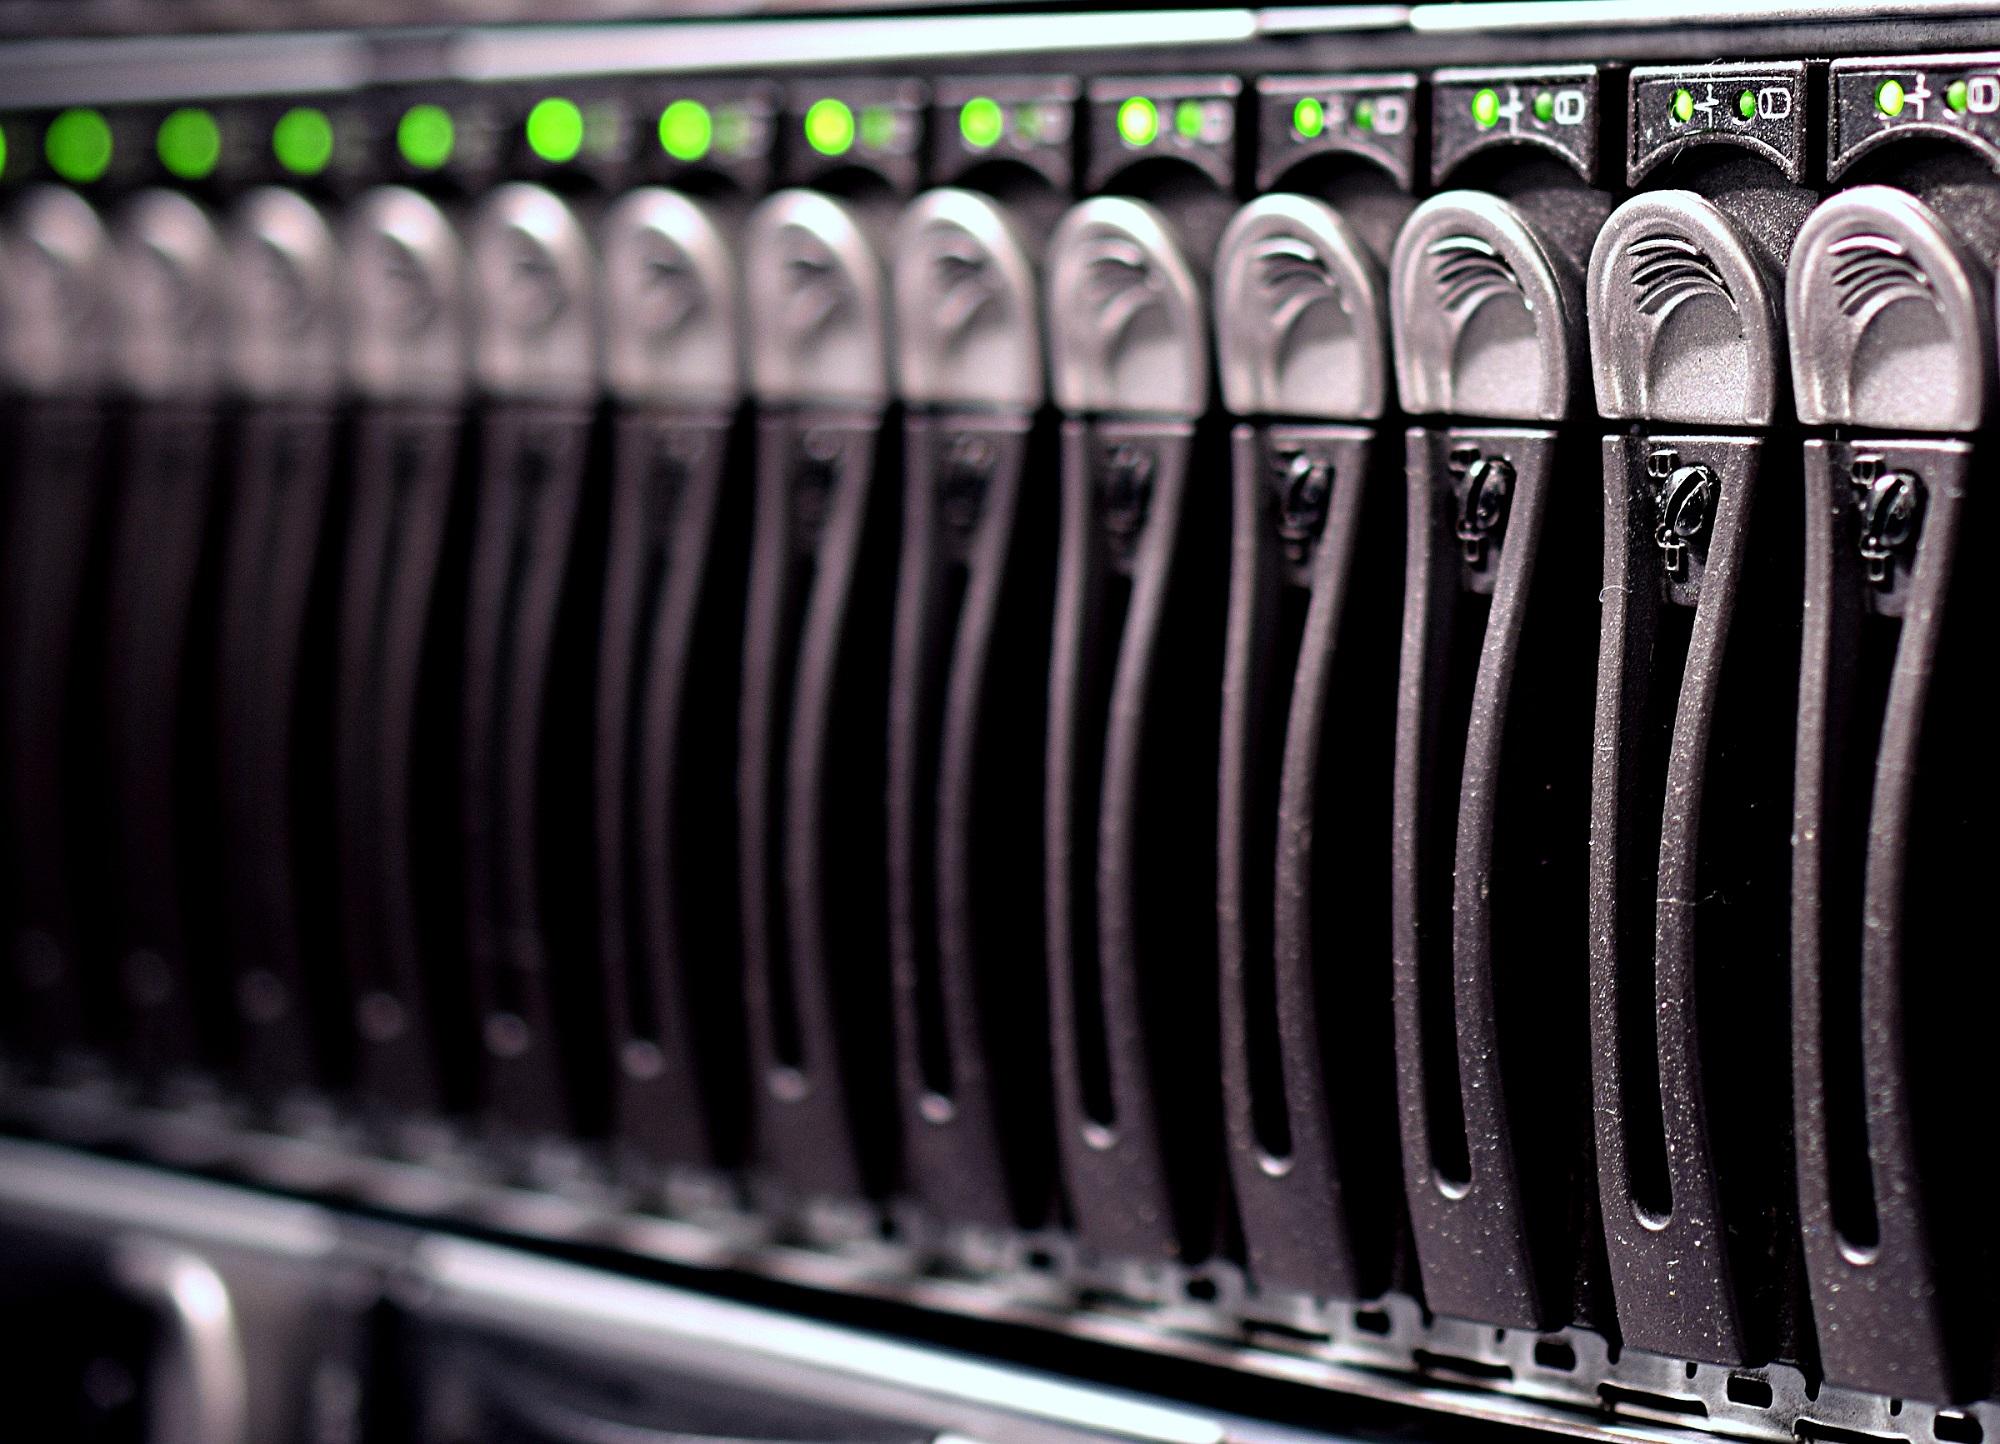 ¿Cuántos supercomputadores necesitaríamos para almacenar todo el ADN que hay sobre la Tierra?